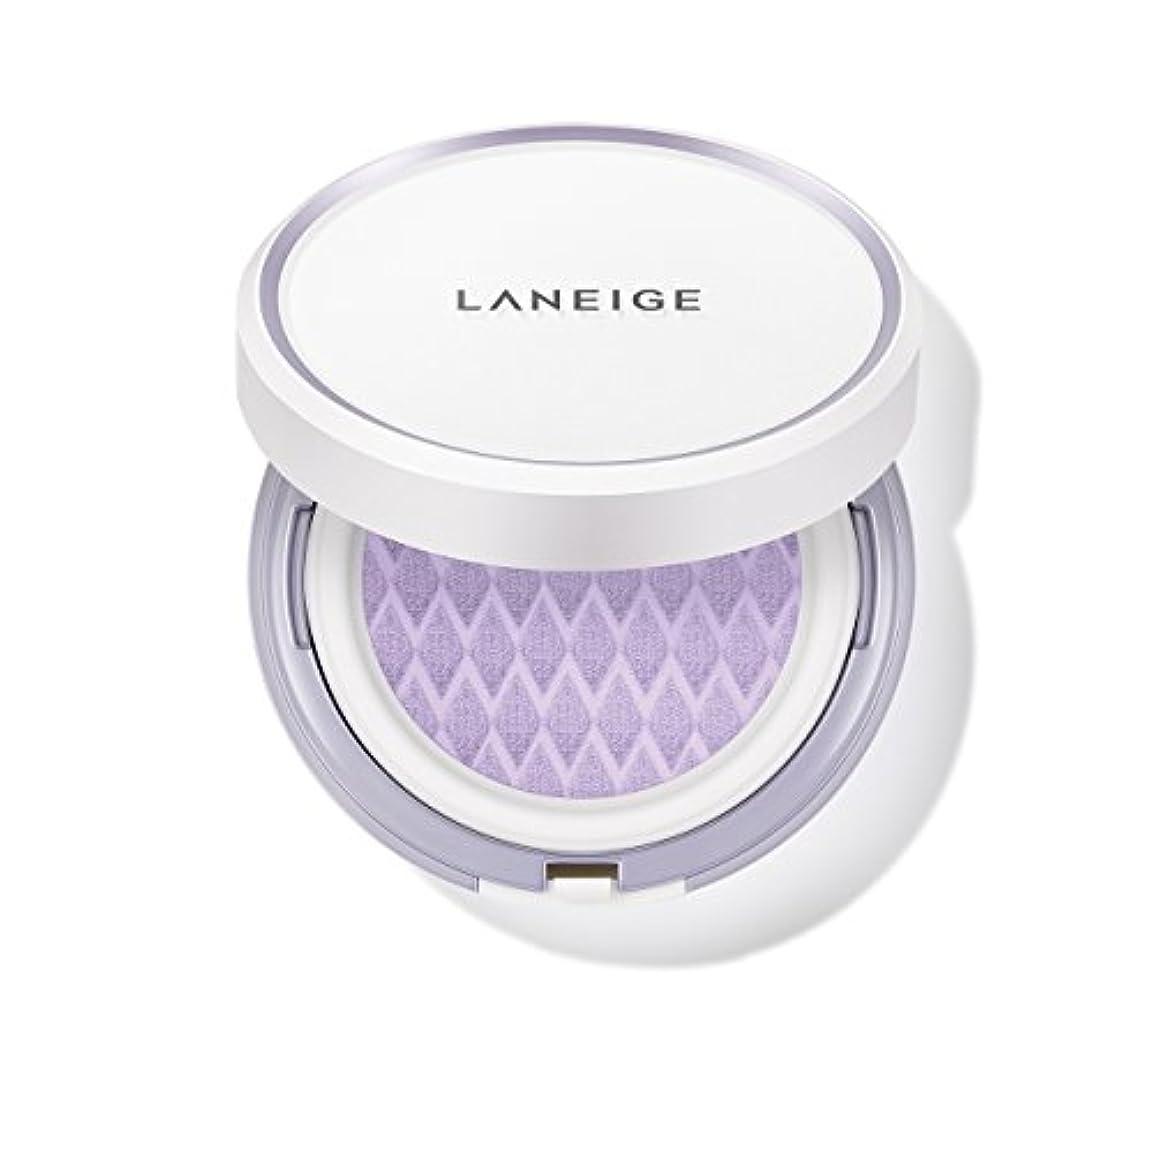 研磨材料早熟ラネージュ[LANEIGE]*AMOREPACIFIC*[新商品]スキンベなベースクッションSPF 22PA++(#40 Light Purple) 15g*2 / LANEIGE Skin Veil Base Cushion...